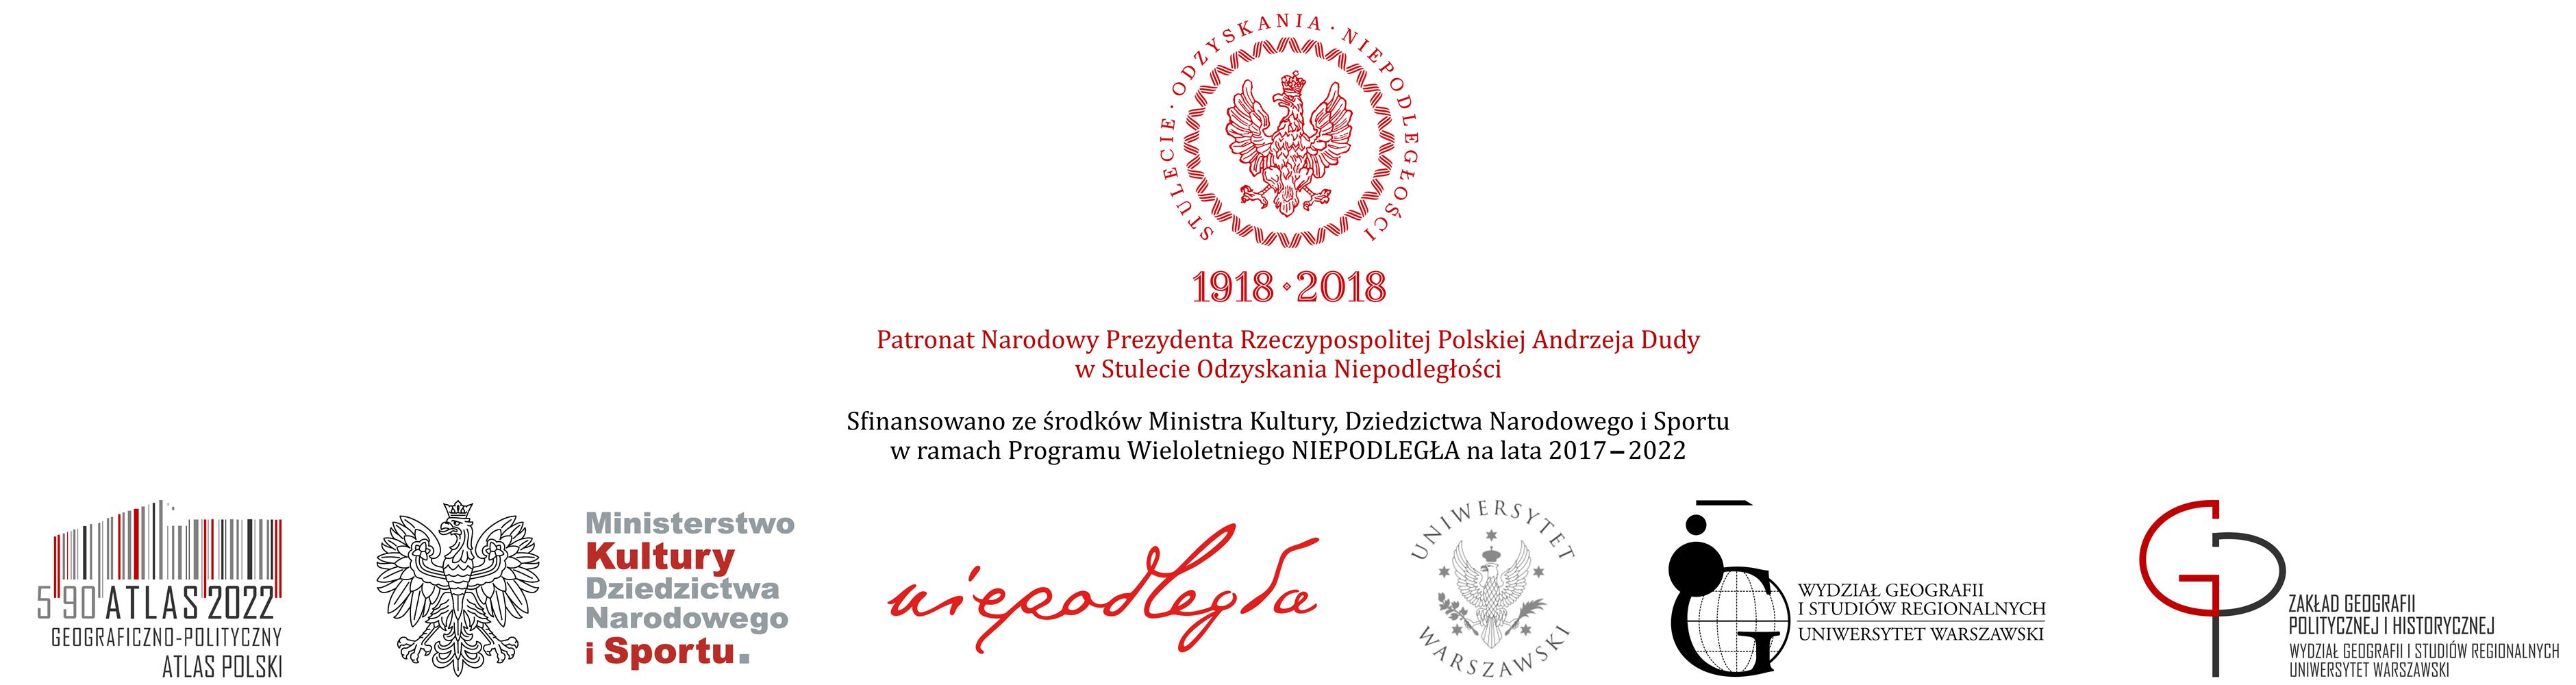 Geograficzno-polityczny atlas Polski. Perspektywa 2022 Logo